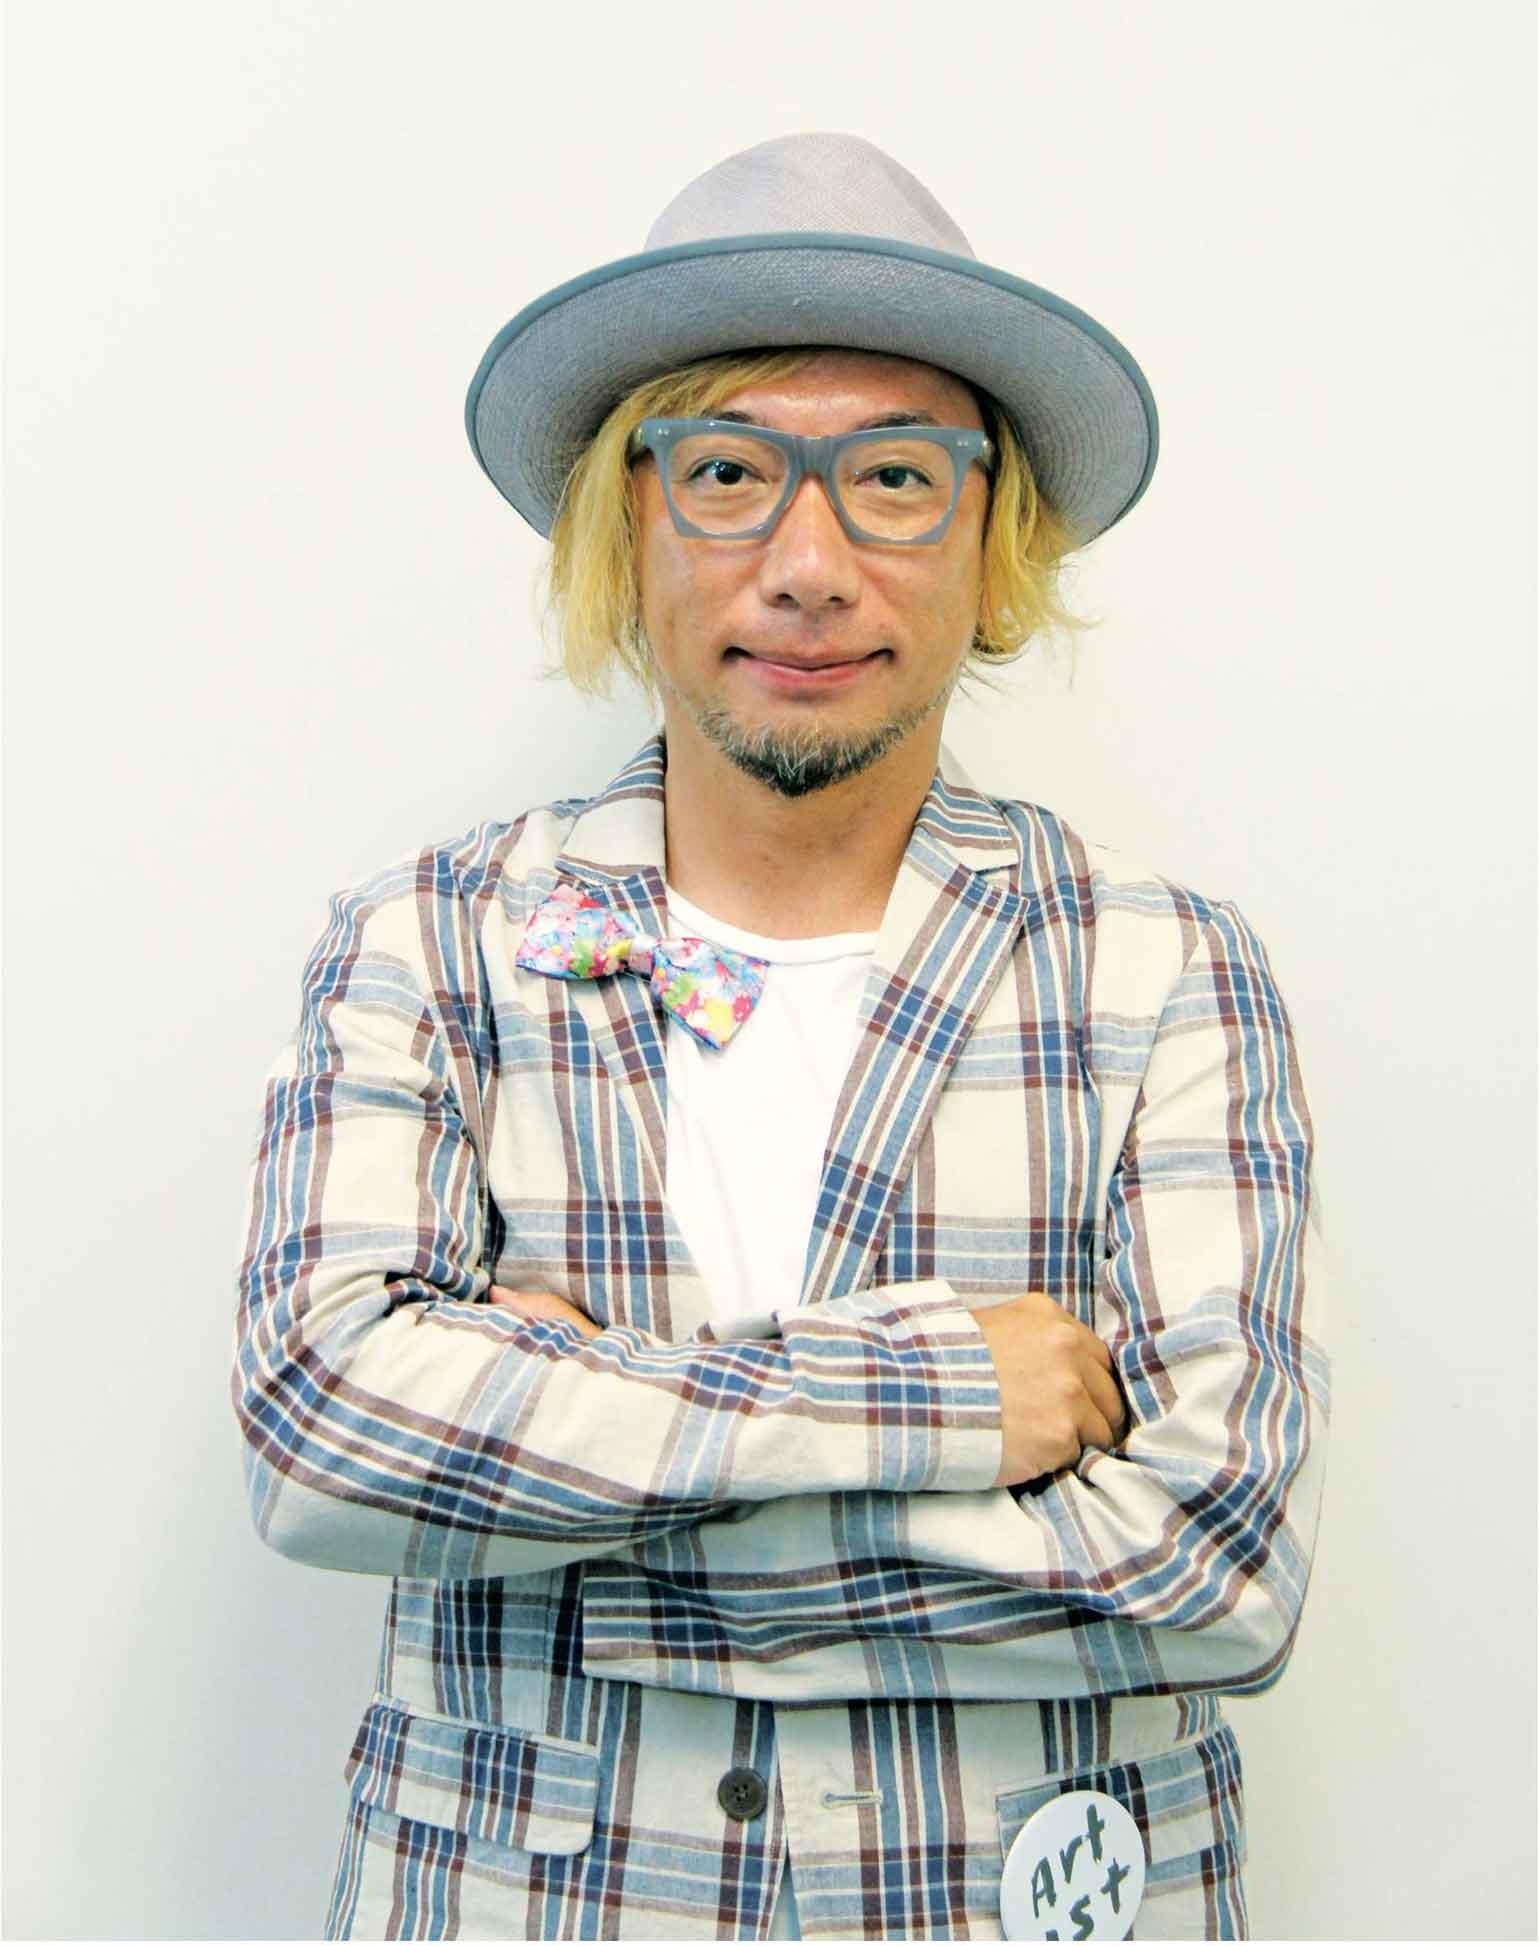 増田セバスチャン氏